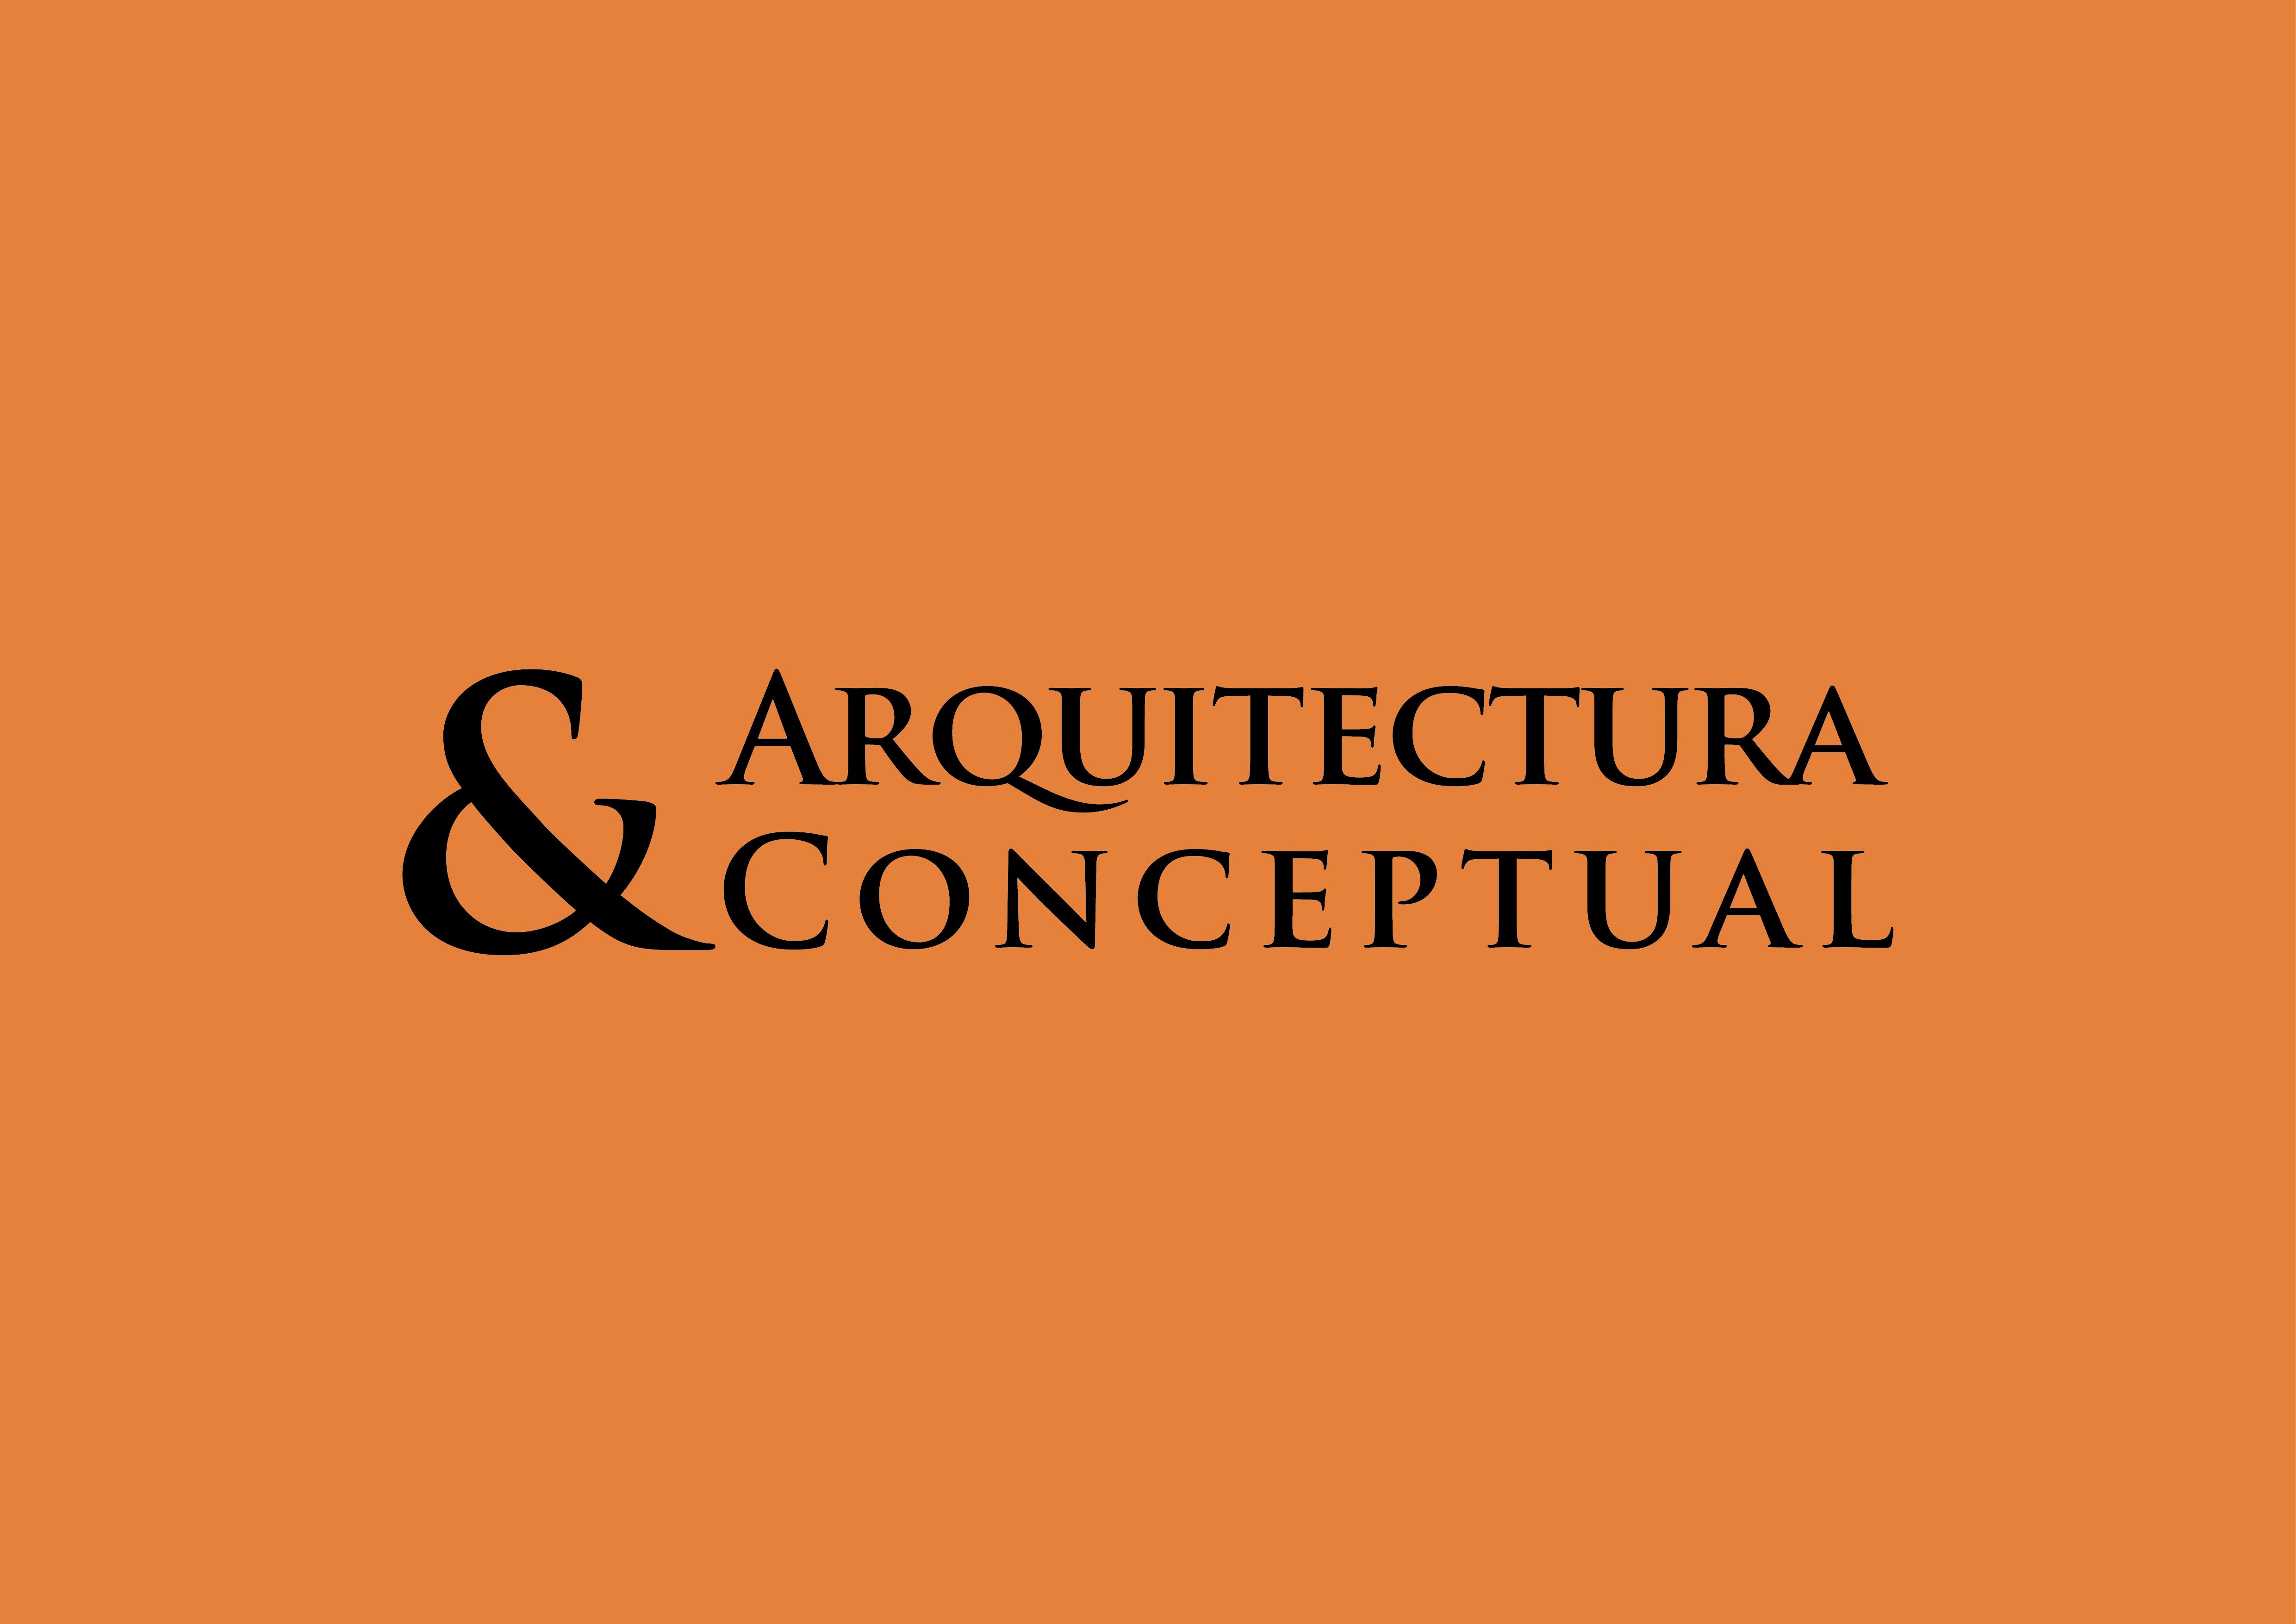 LOGO ARQUITECTURA CONCEPTUAL-02